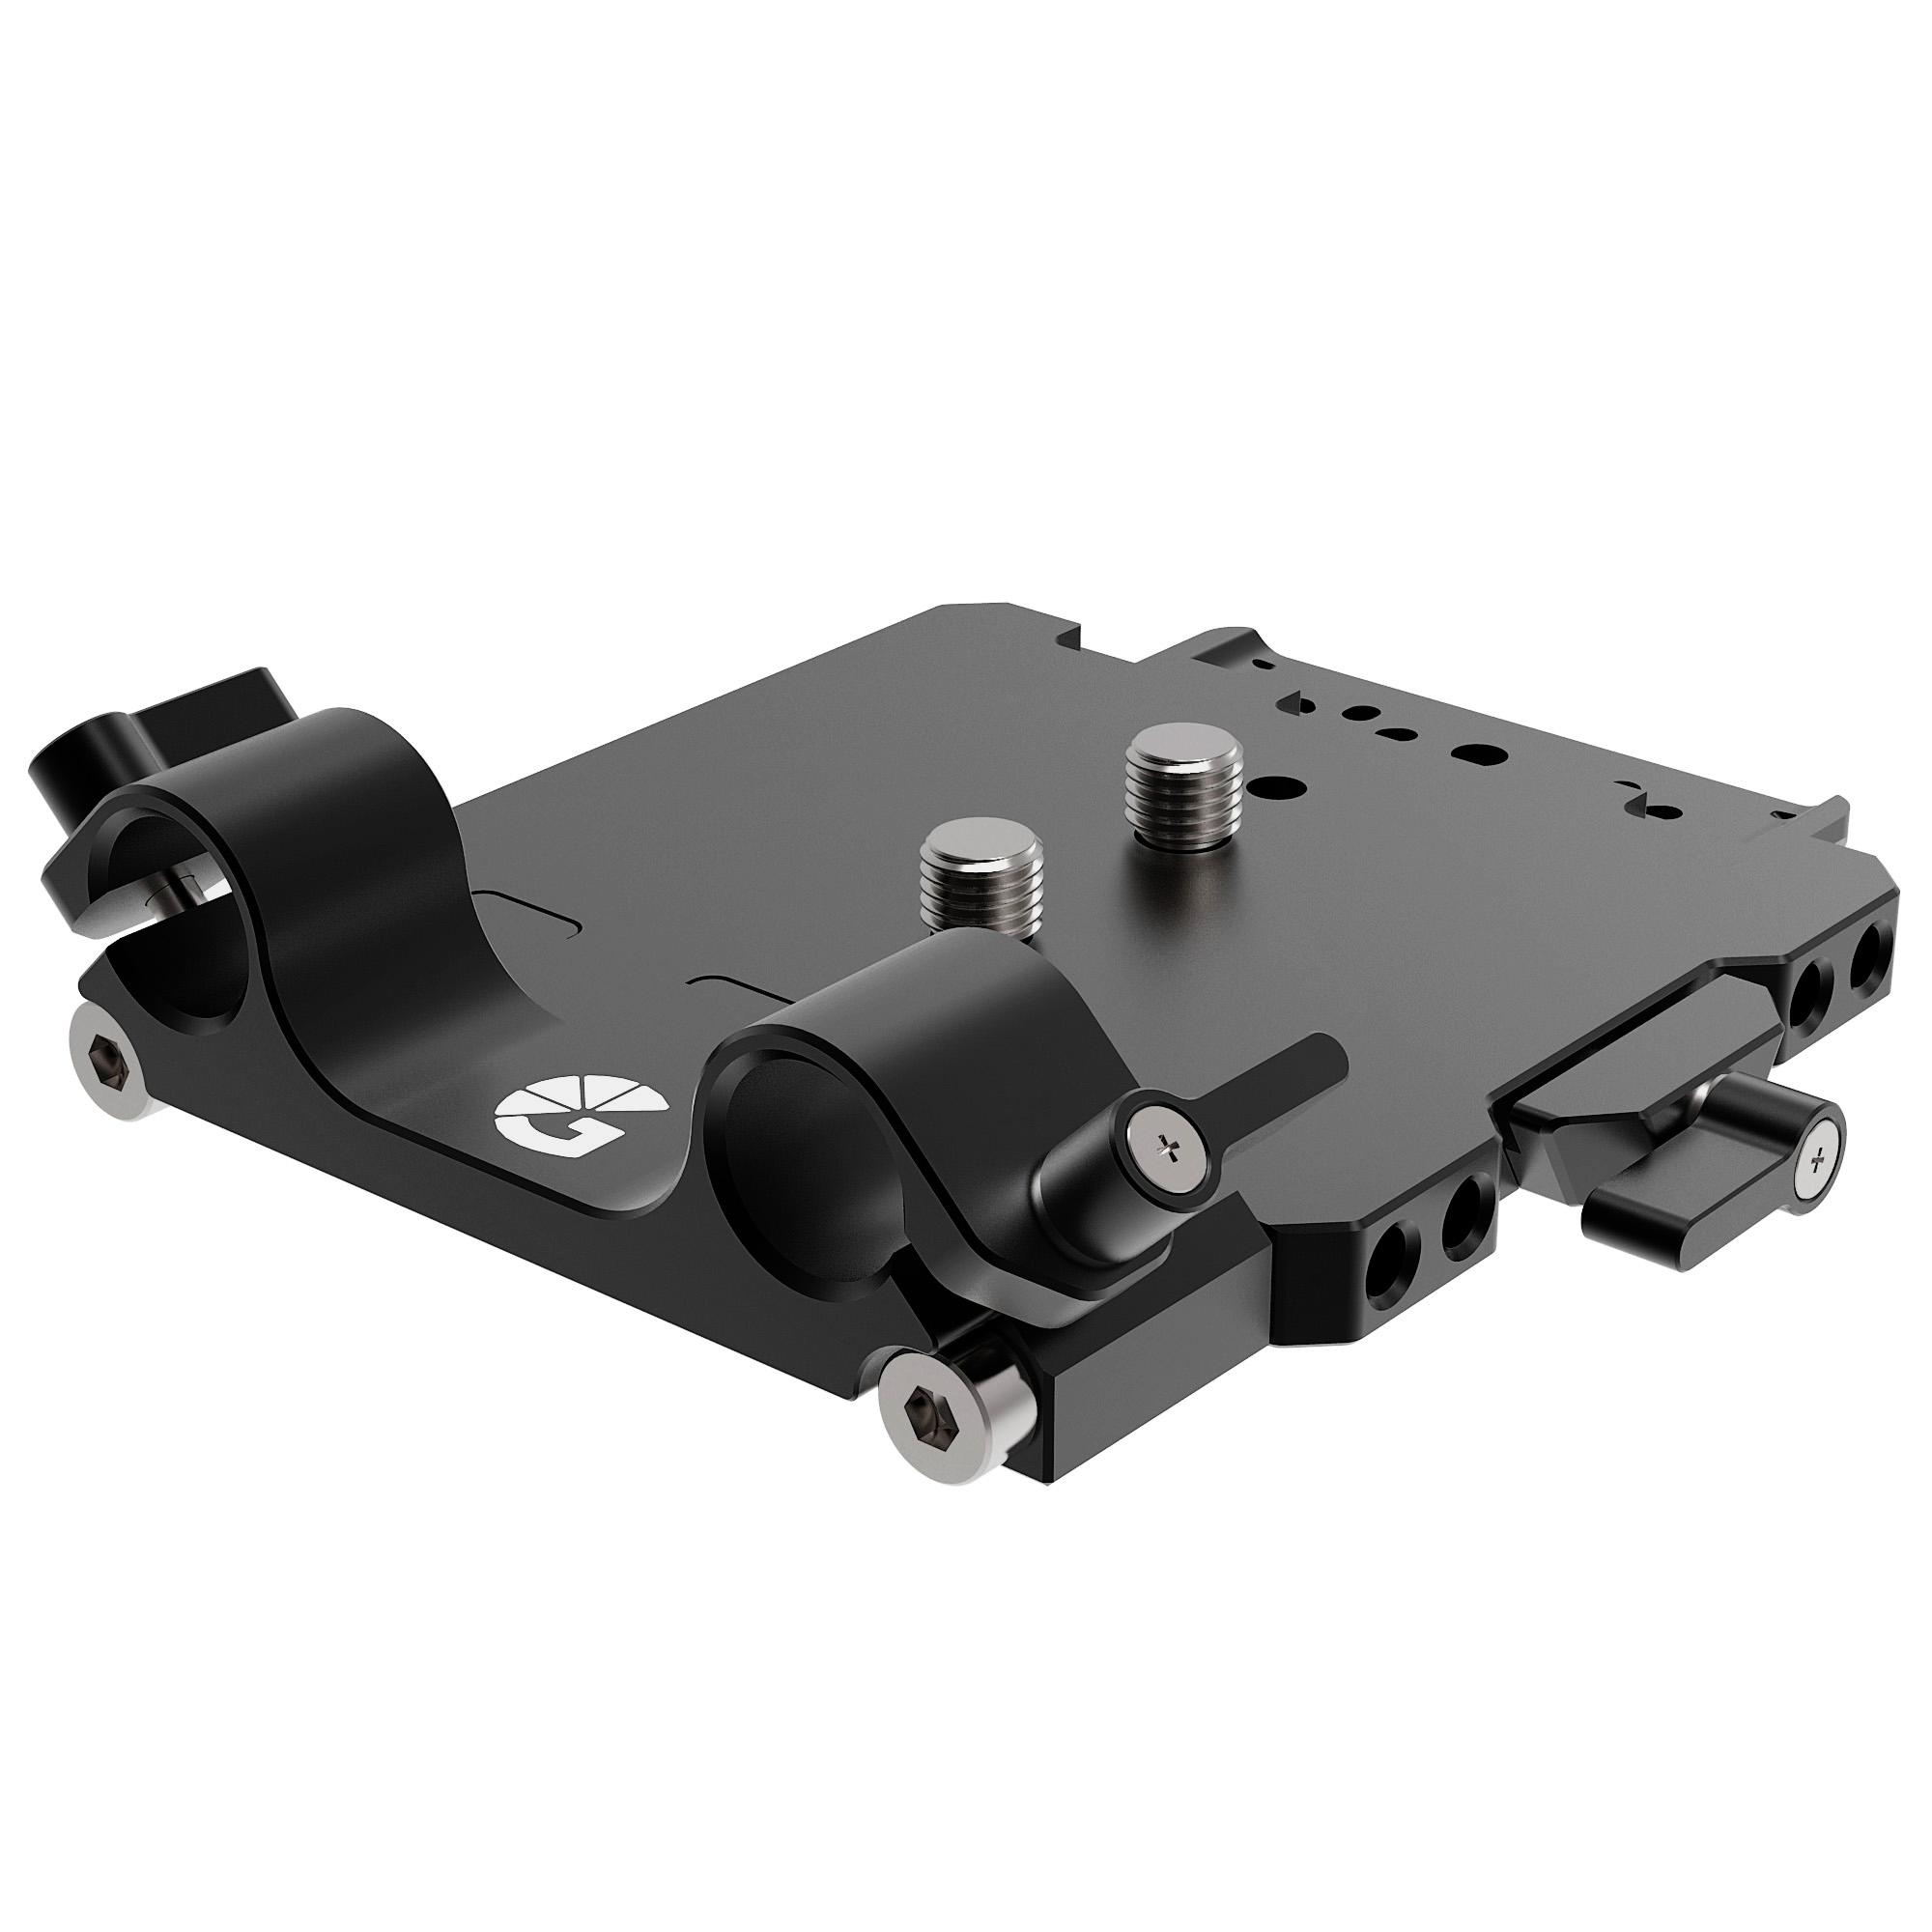 B4002 0002 Left Field 15mm Baseplate for DSMC2 1 2